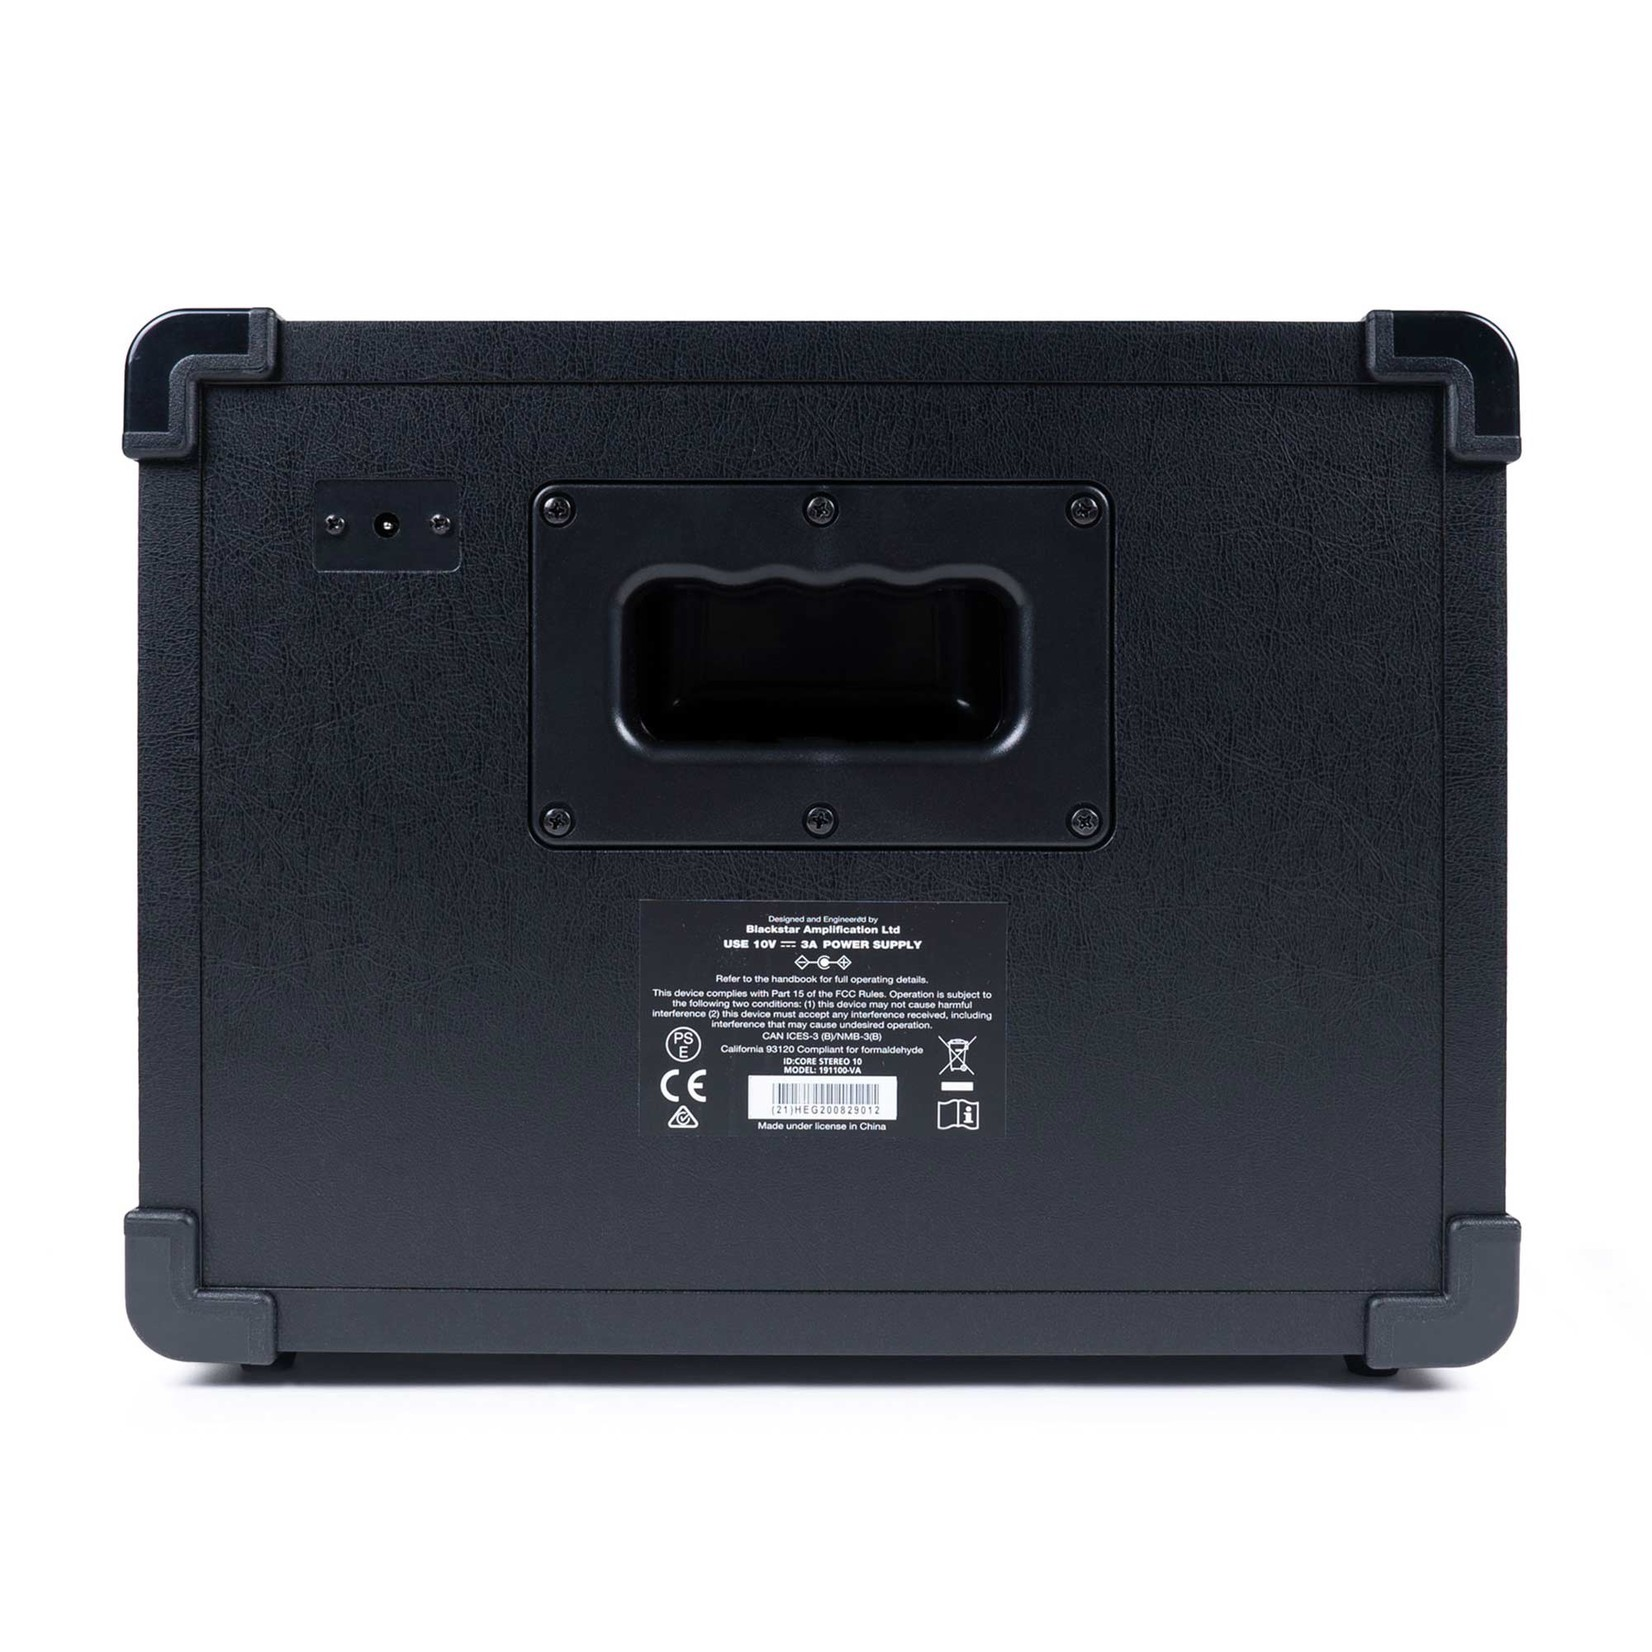 Blackstar Blackstar ID:Core Stereo 10 V3 Amplifier